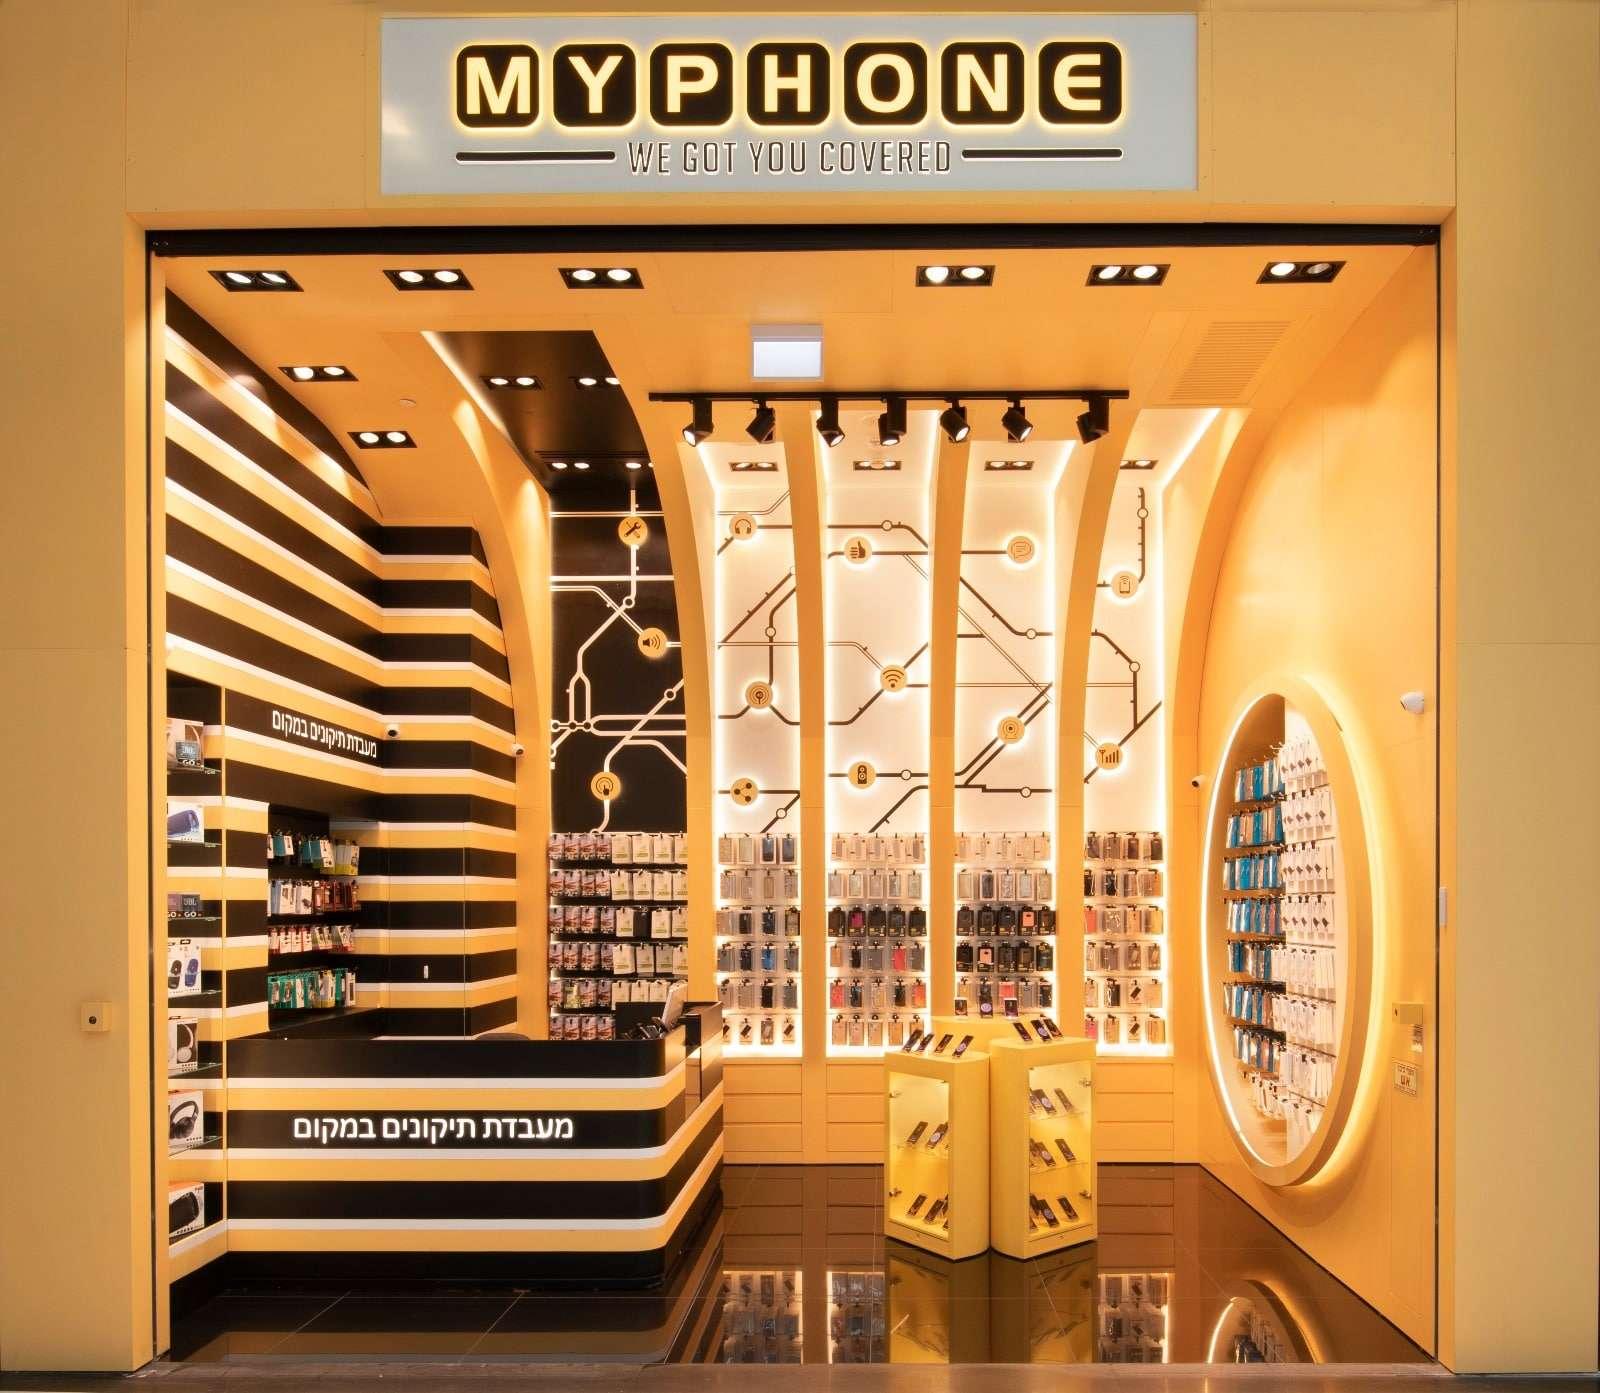 רשת מייפון, המתמחה בשיווק ומכירה של מכשירי סלולר ואביזרים נלווים לצד ניהול והפעלת רשת מעבדות תיקונים לכלל המכשירים, השיקה בימים אלה חנות חדשה בקניון ראשונים. החנות החדשה של MYPHONE הינה הסניף ה-6 של הרשת.